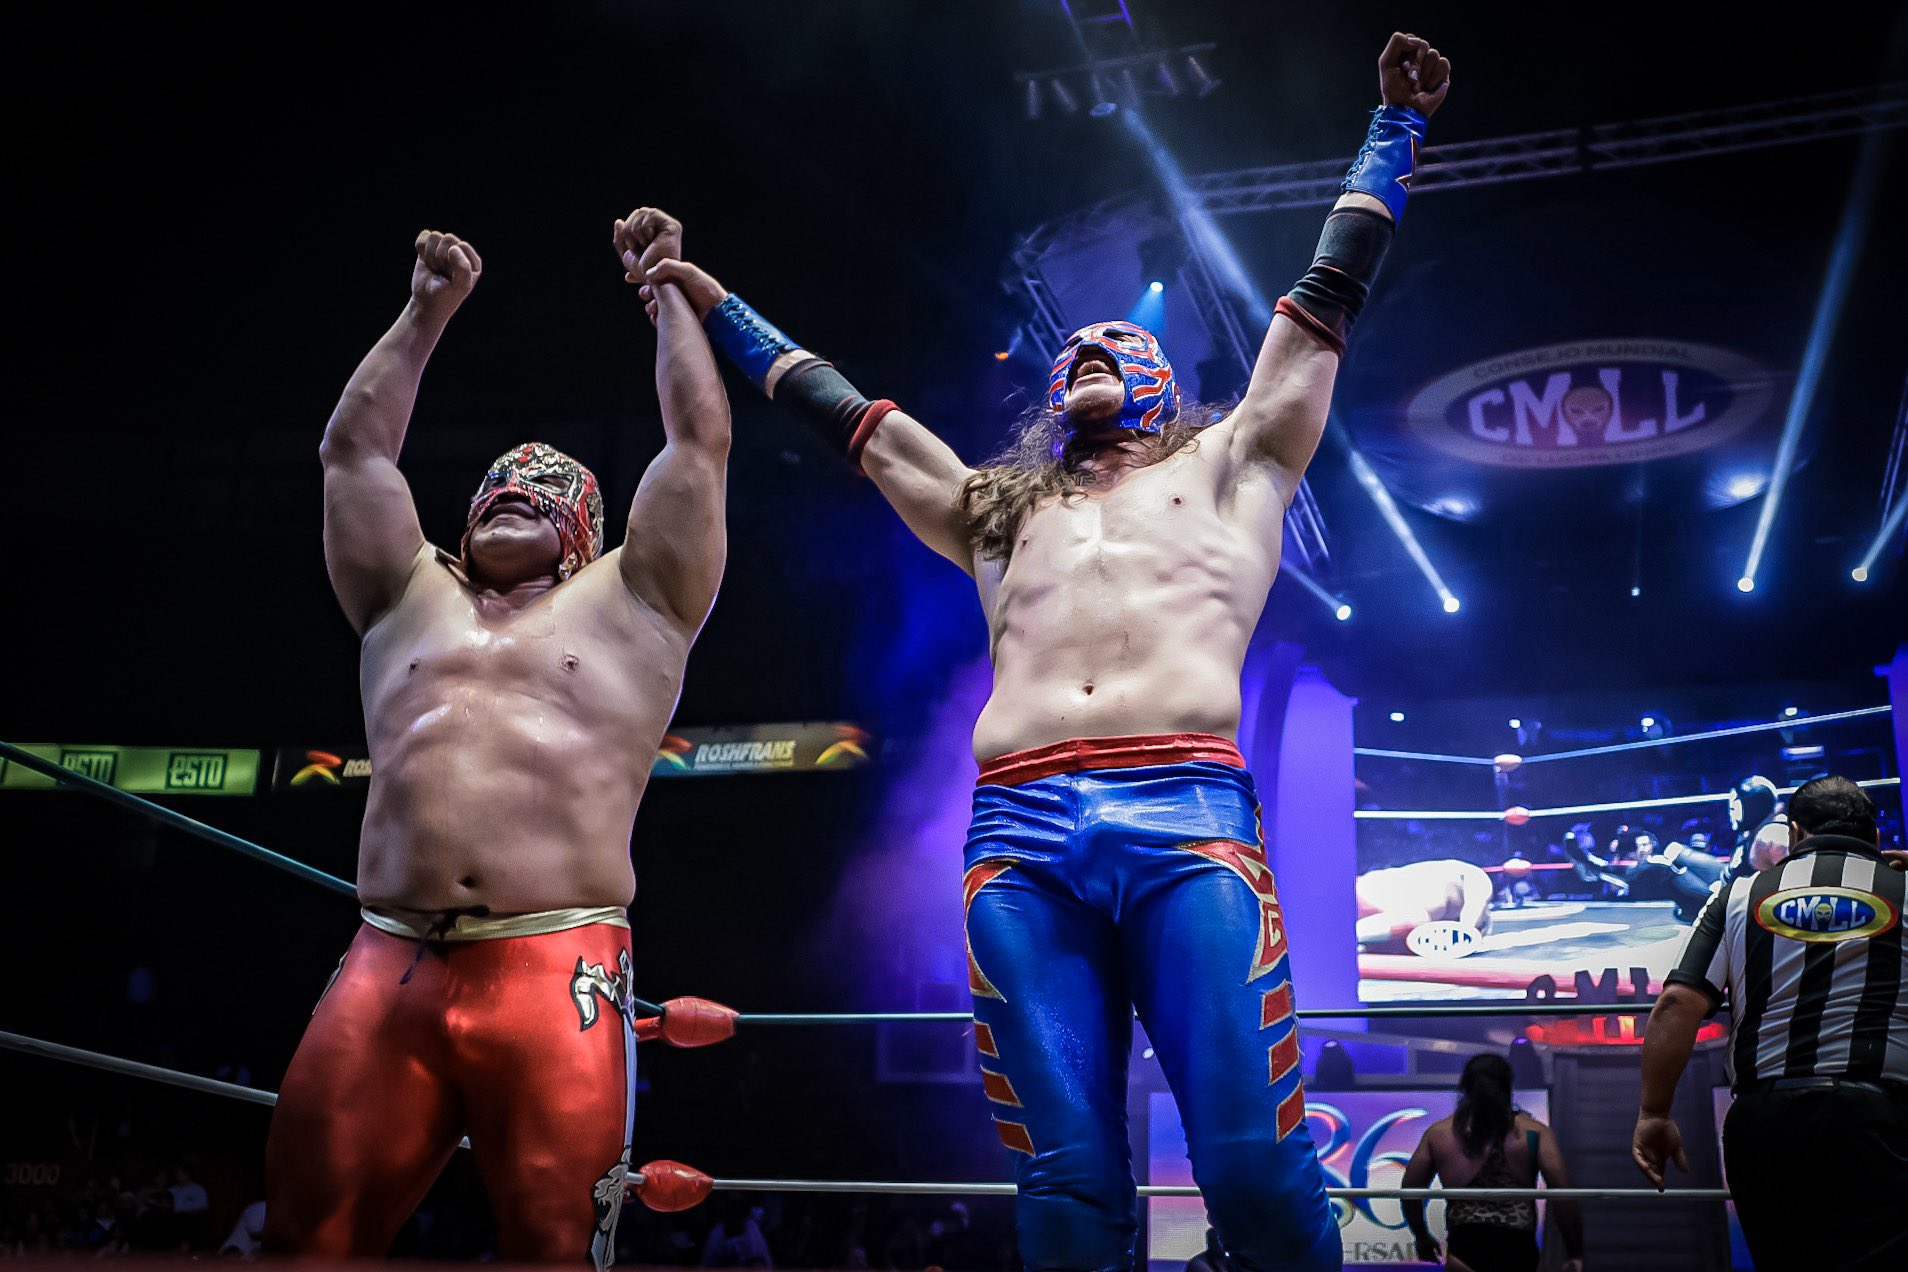 CMLL: Star Jr. y Valiente, segundos finalistas de la Gran Alternativa 1